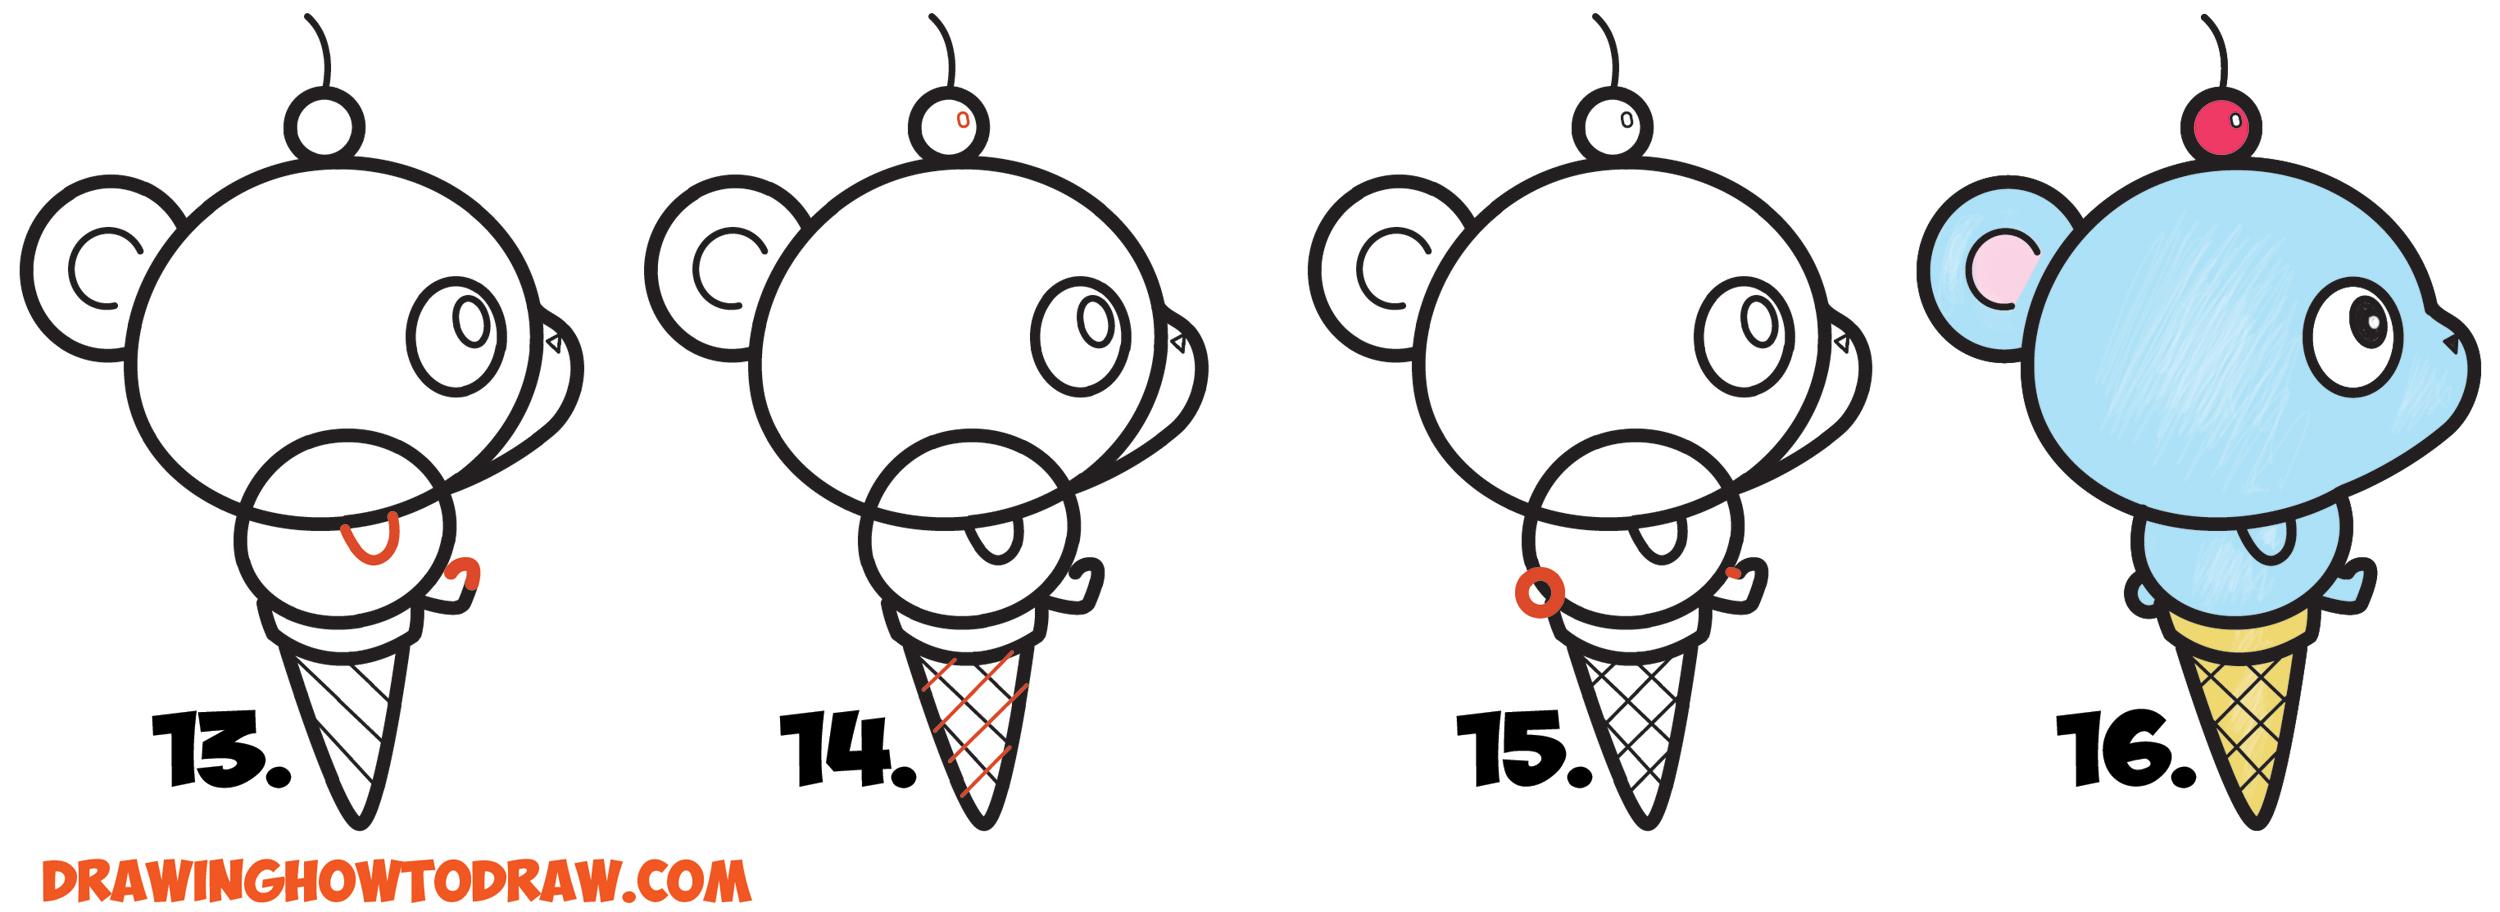 Drawn ice cream beginner step by step Draw on Cute Cream Learn